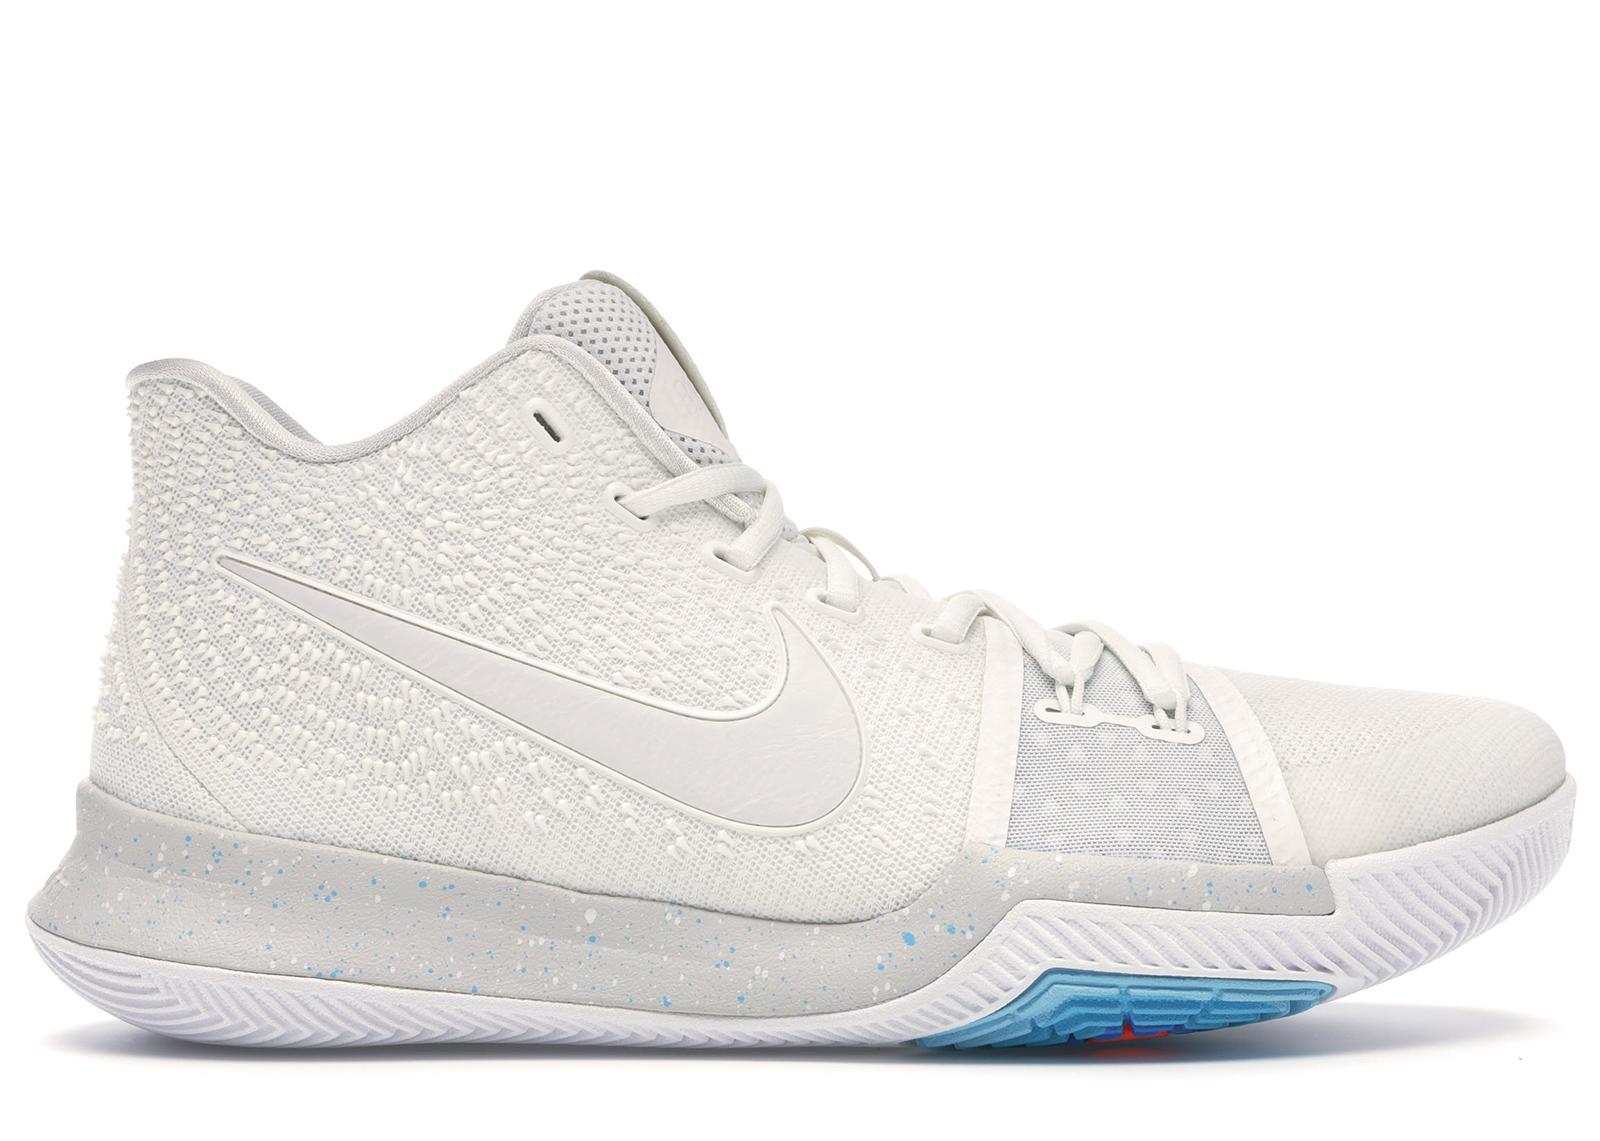 Nike Kyrie 3 Ivory - 852395-101